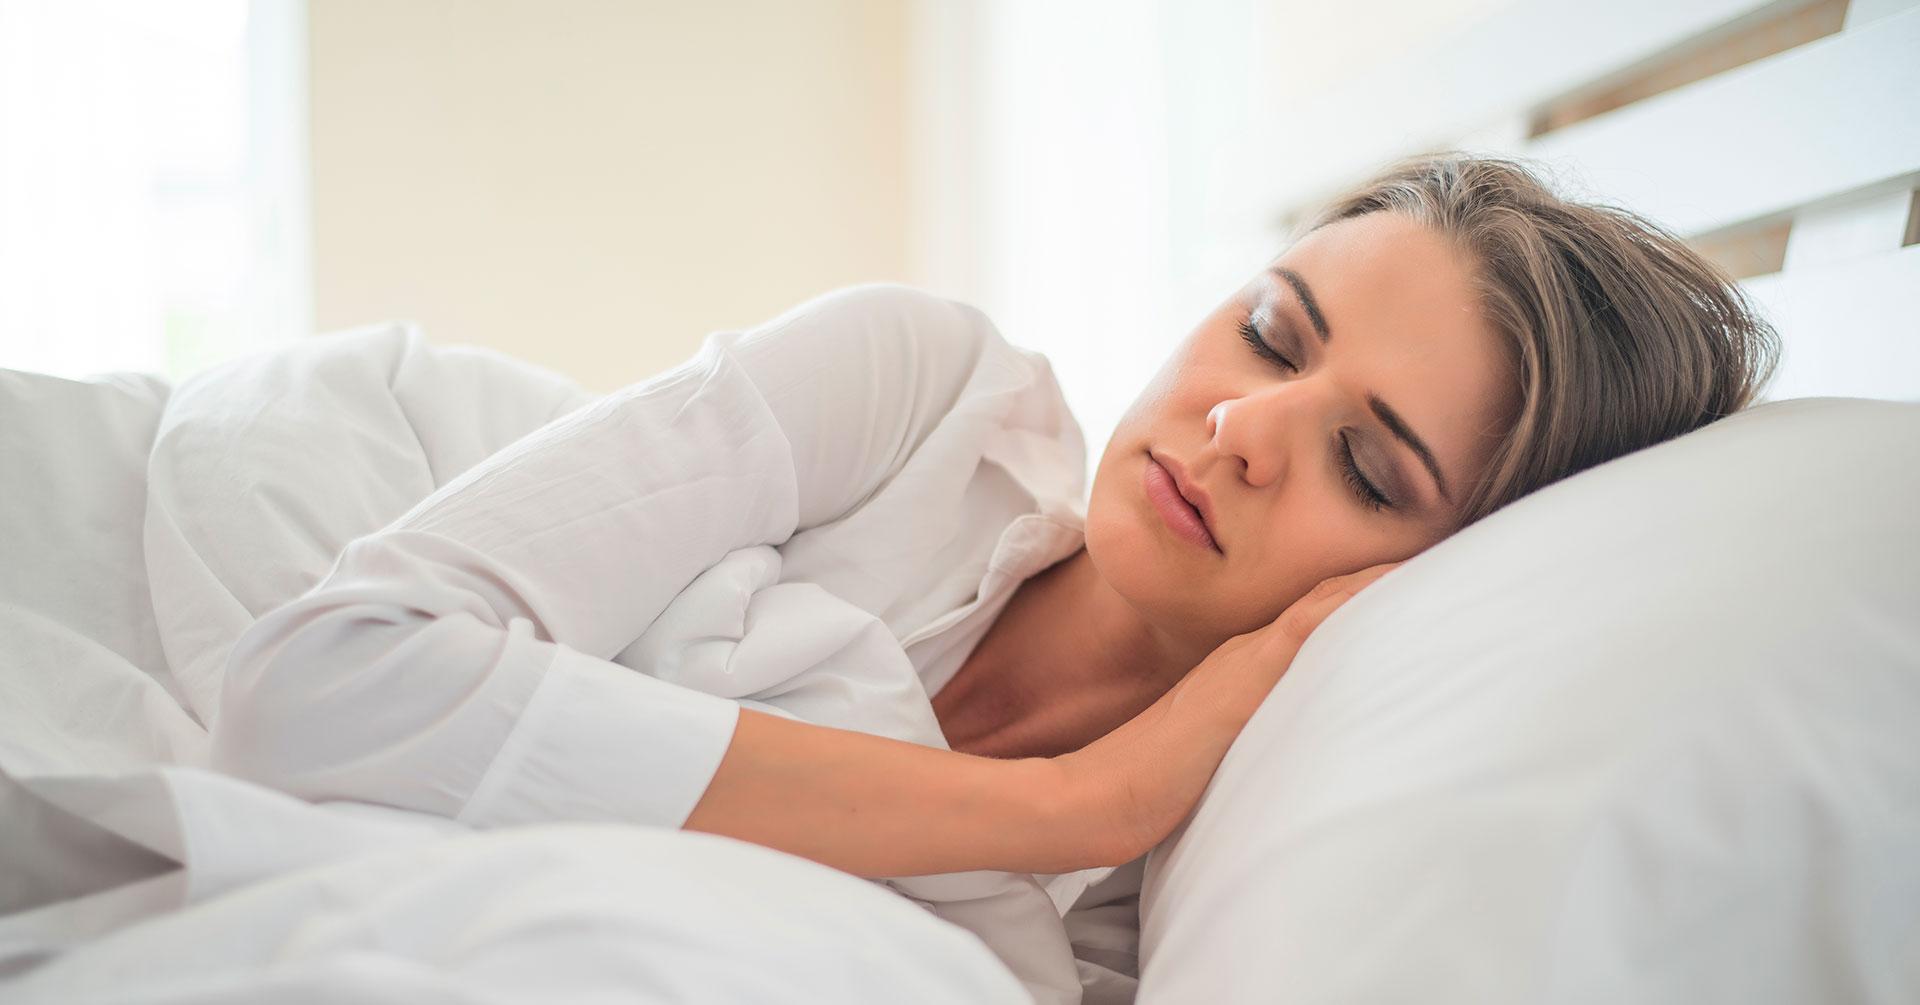 Las mejores posturas para dormir que pueden mejorar tu salud